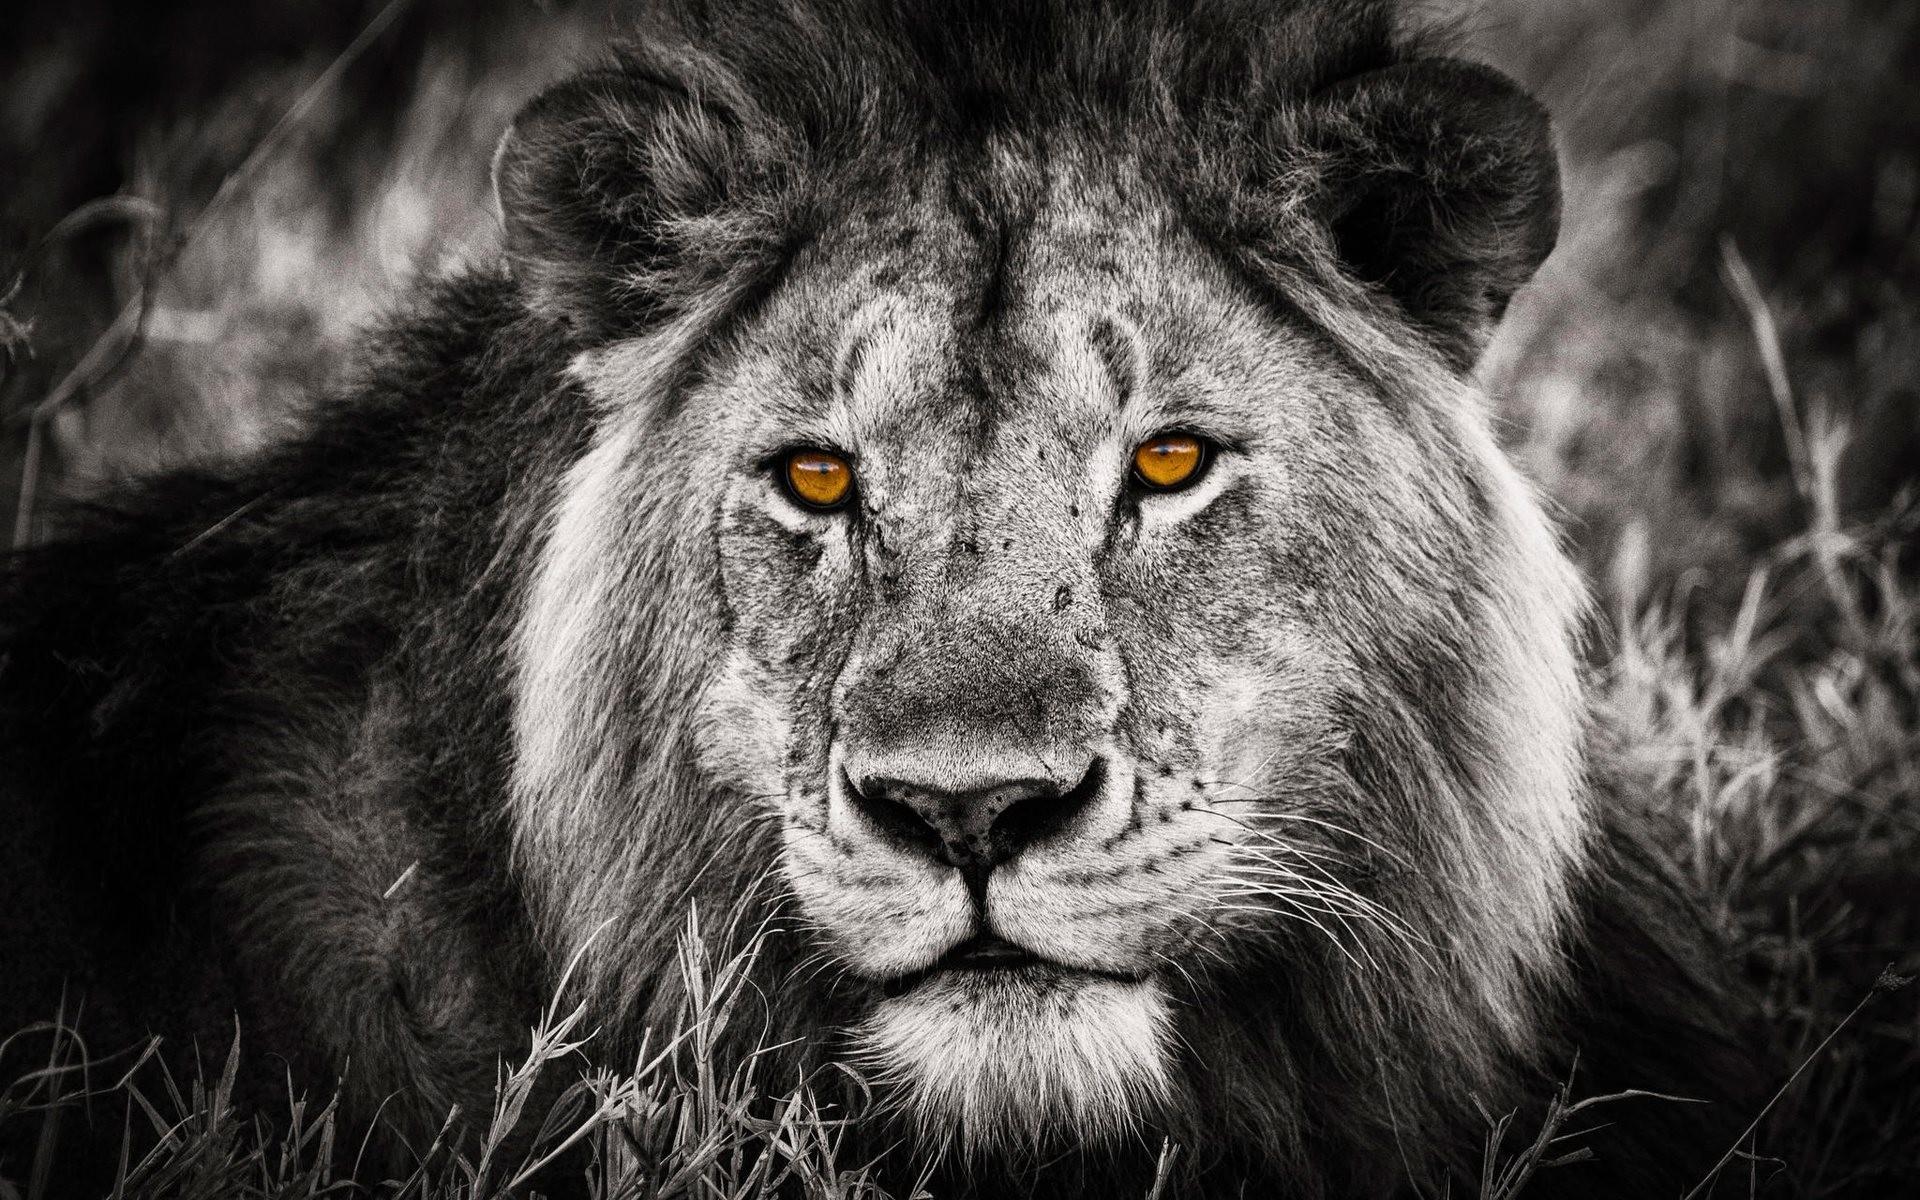 Sfondi leone 57 immagini for Immagini leone hd